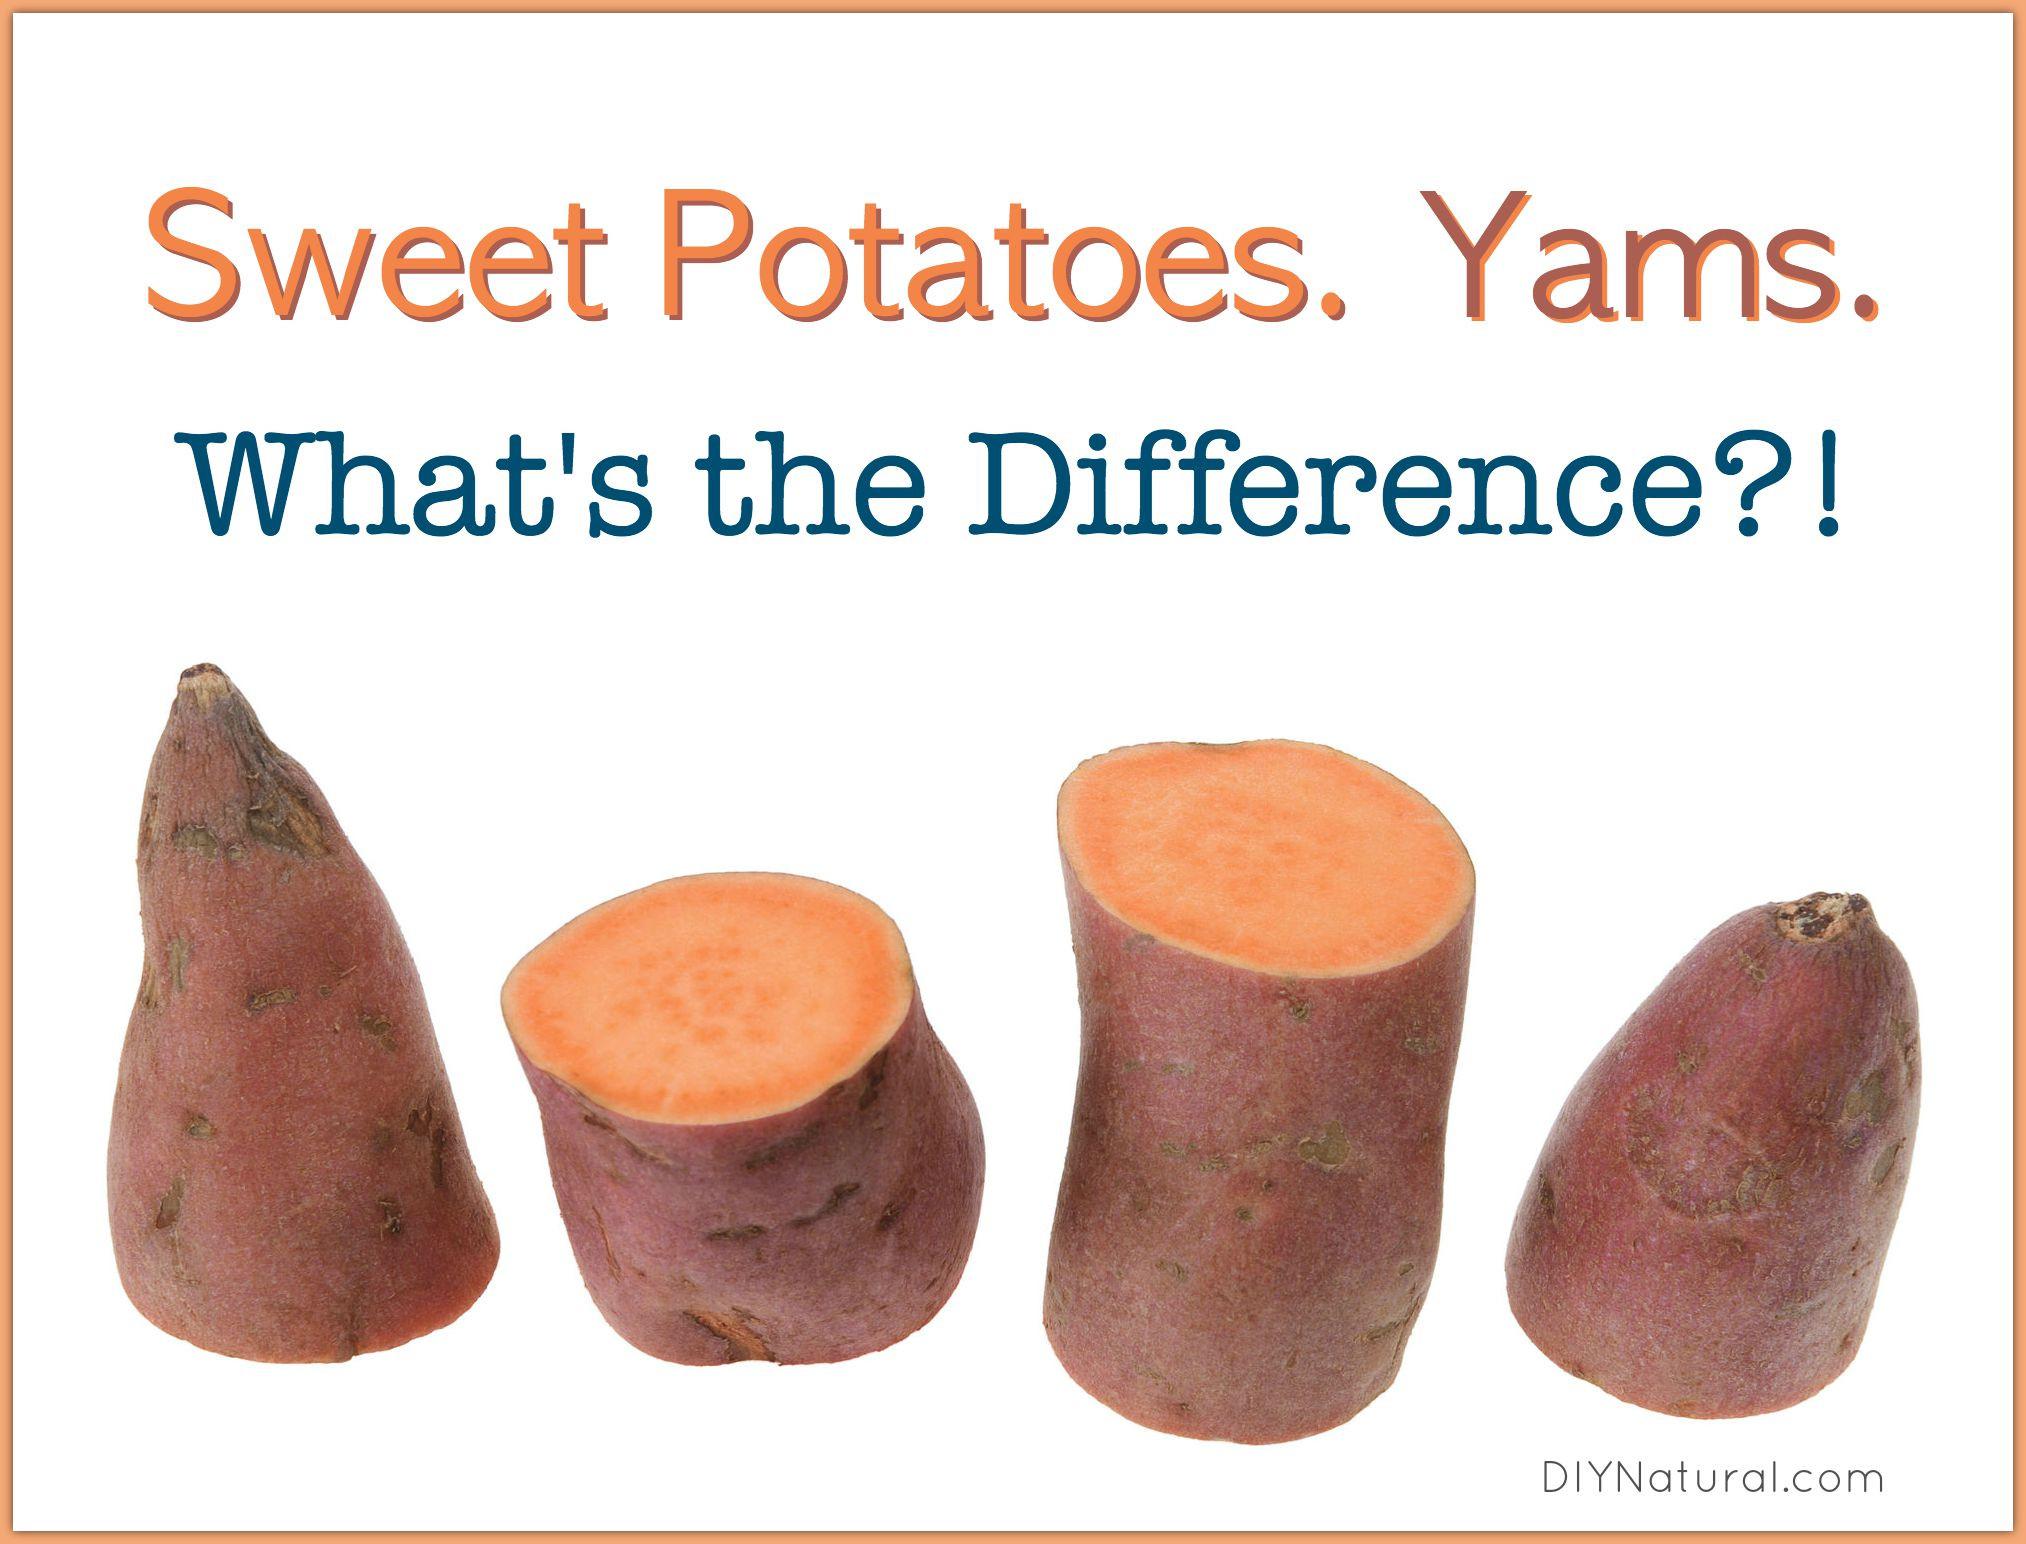 Sweet Potato Vs Yam  Sweet Potato Yams Is there a Difference